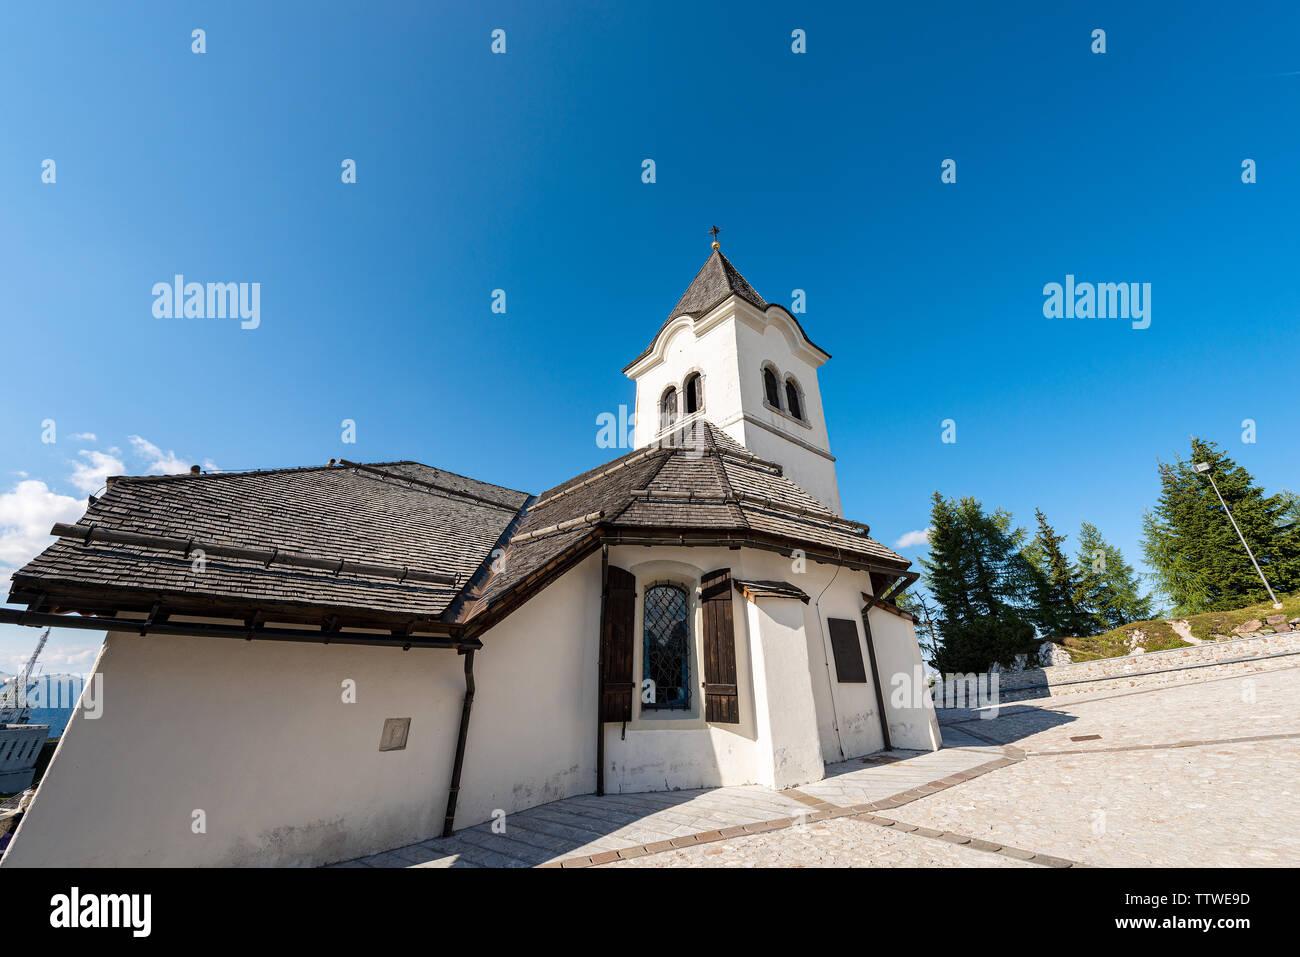 Ancien sanctuaire de Monte Santo di Lussari, lieu de pèlerinage à Alpes italiennes. La province d'Udine, Frioul-Vénétie Julienne, Italie, Europe Banque D'Images